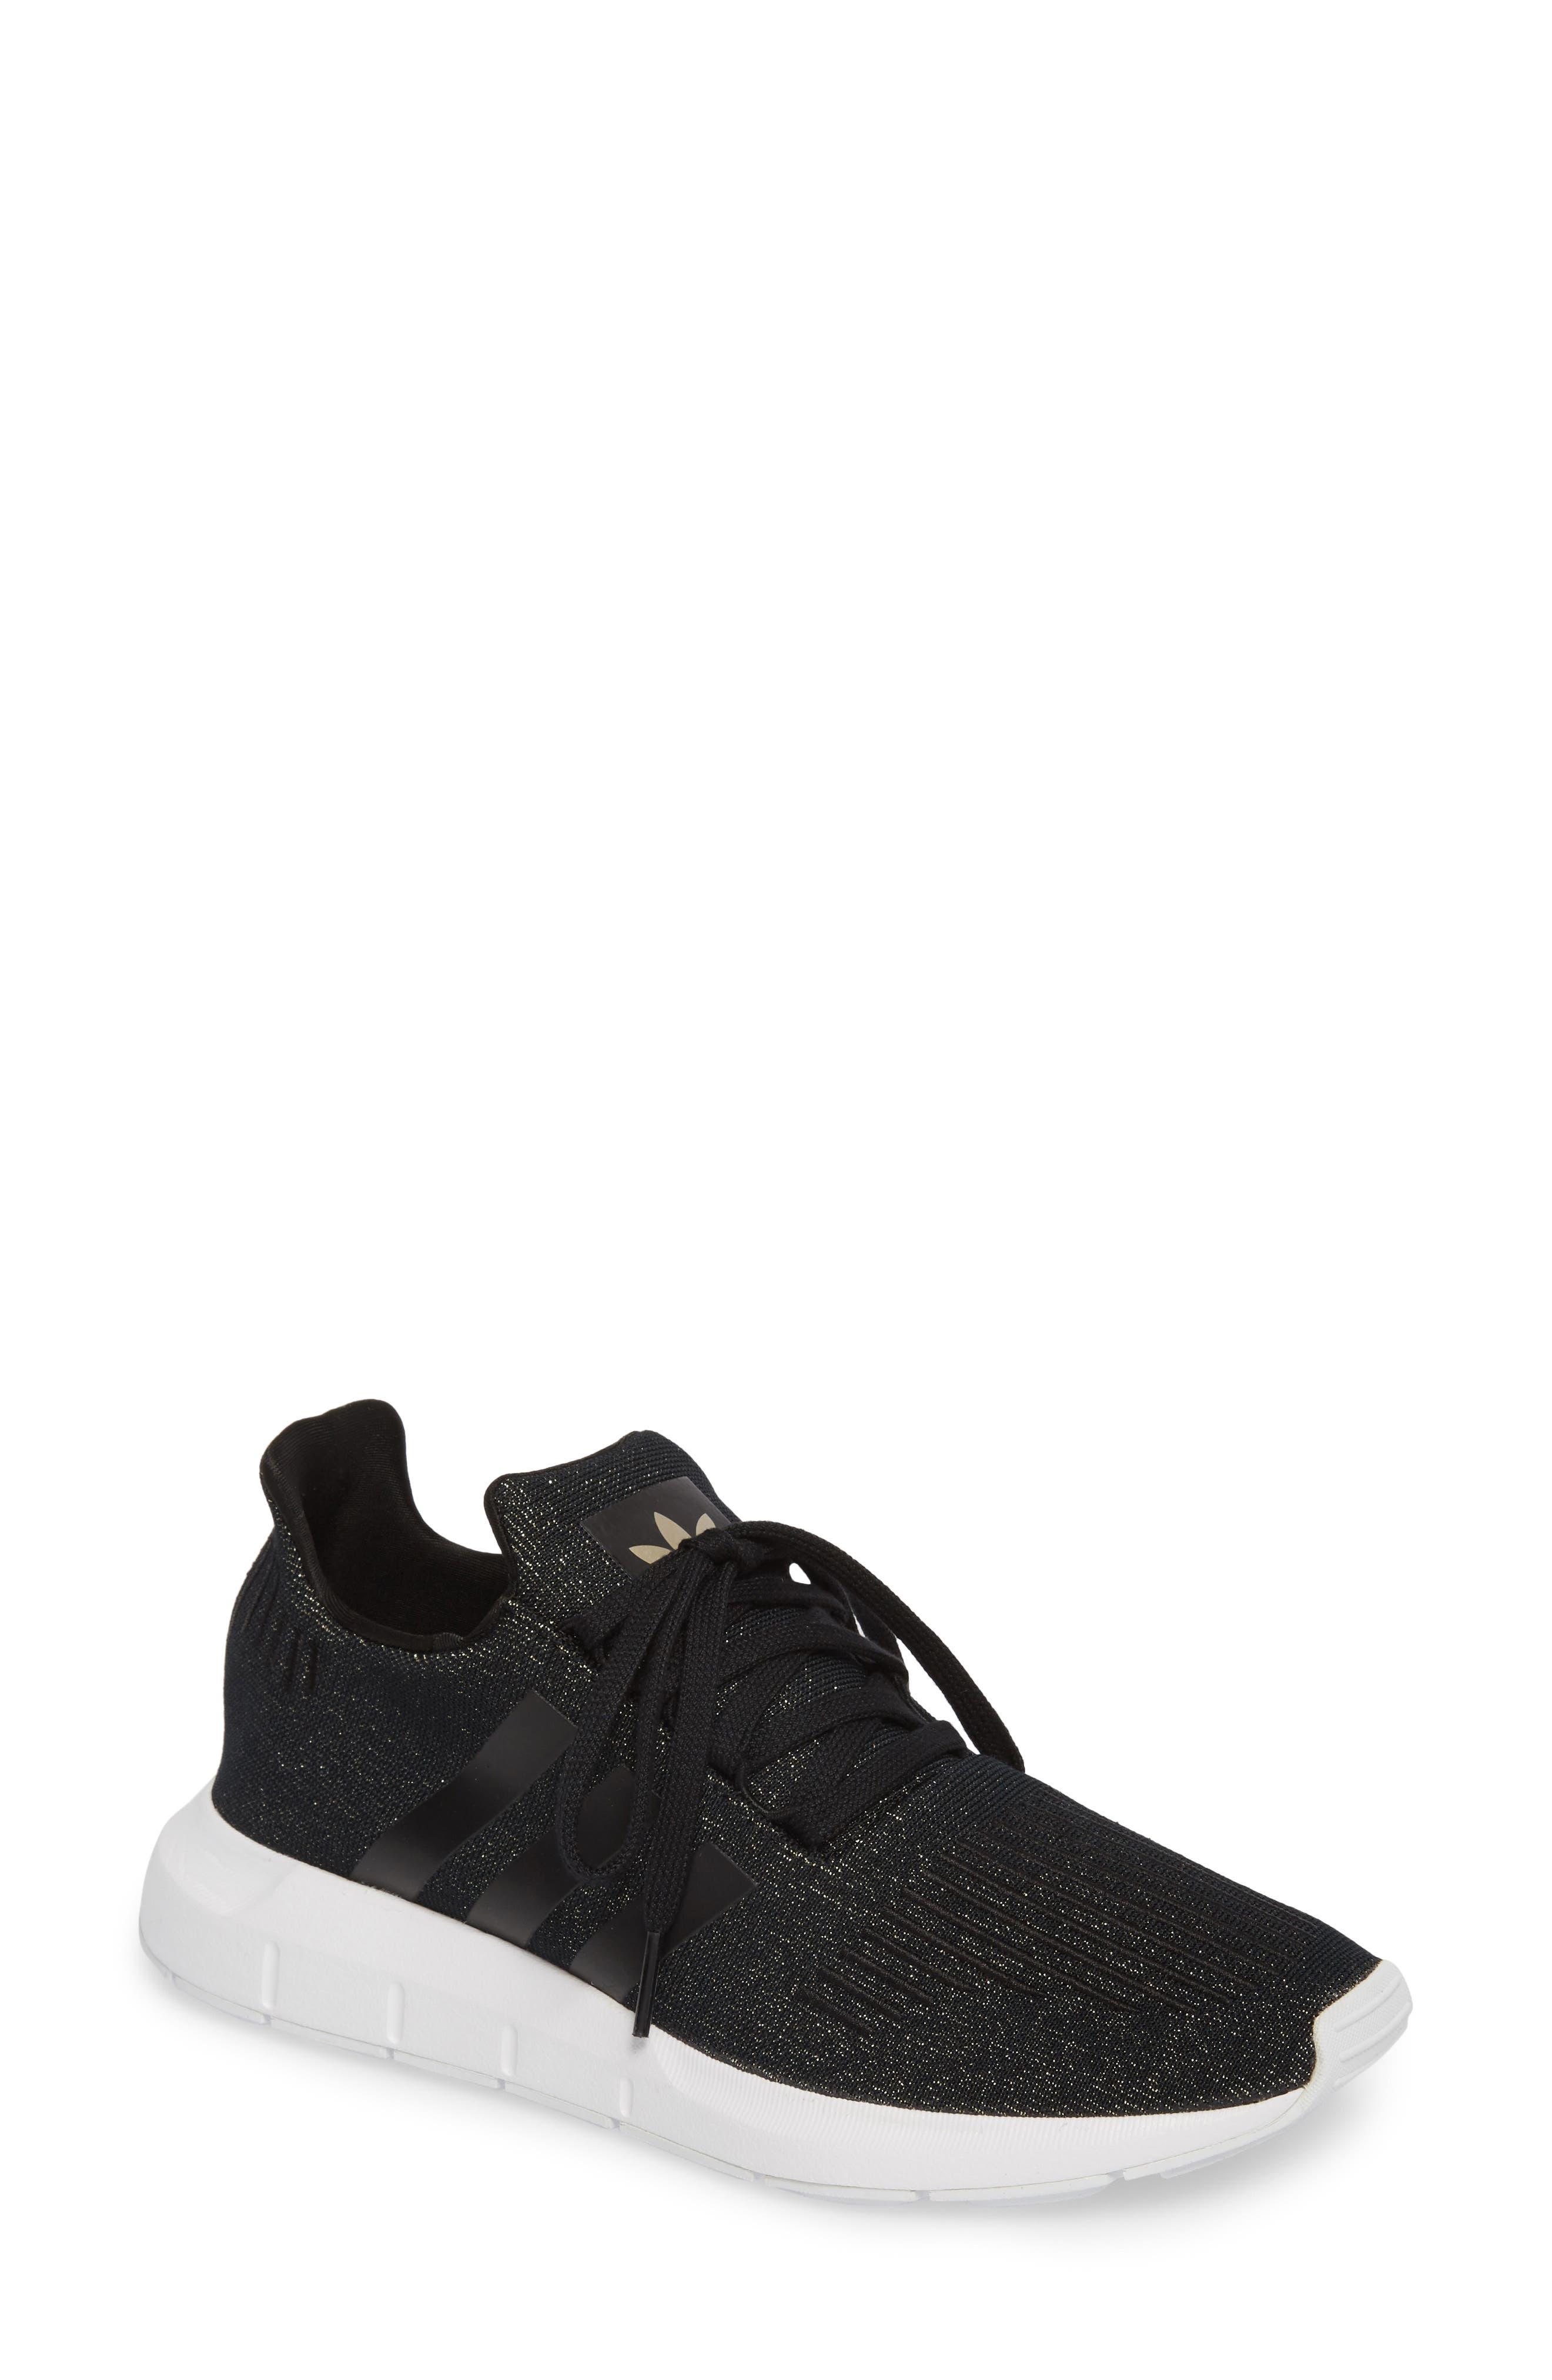 black scarpe adidas per le donne: abbigliamento, accessori e calzature